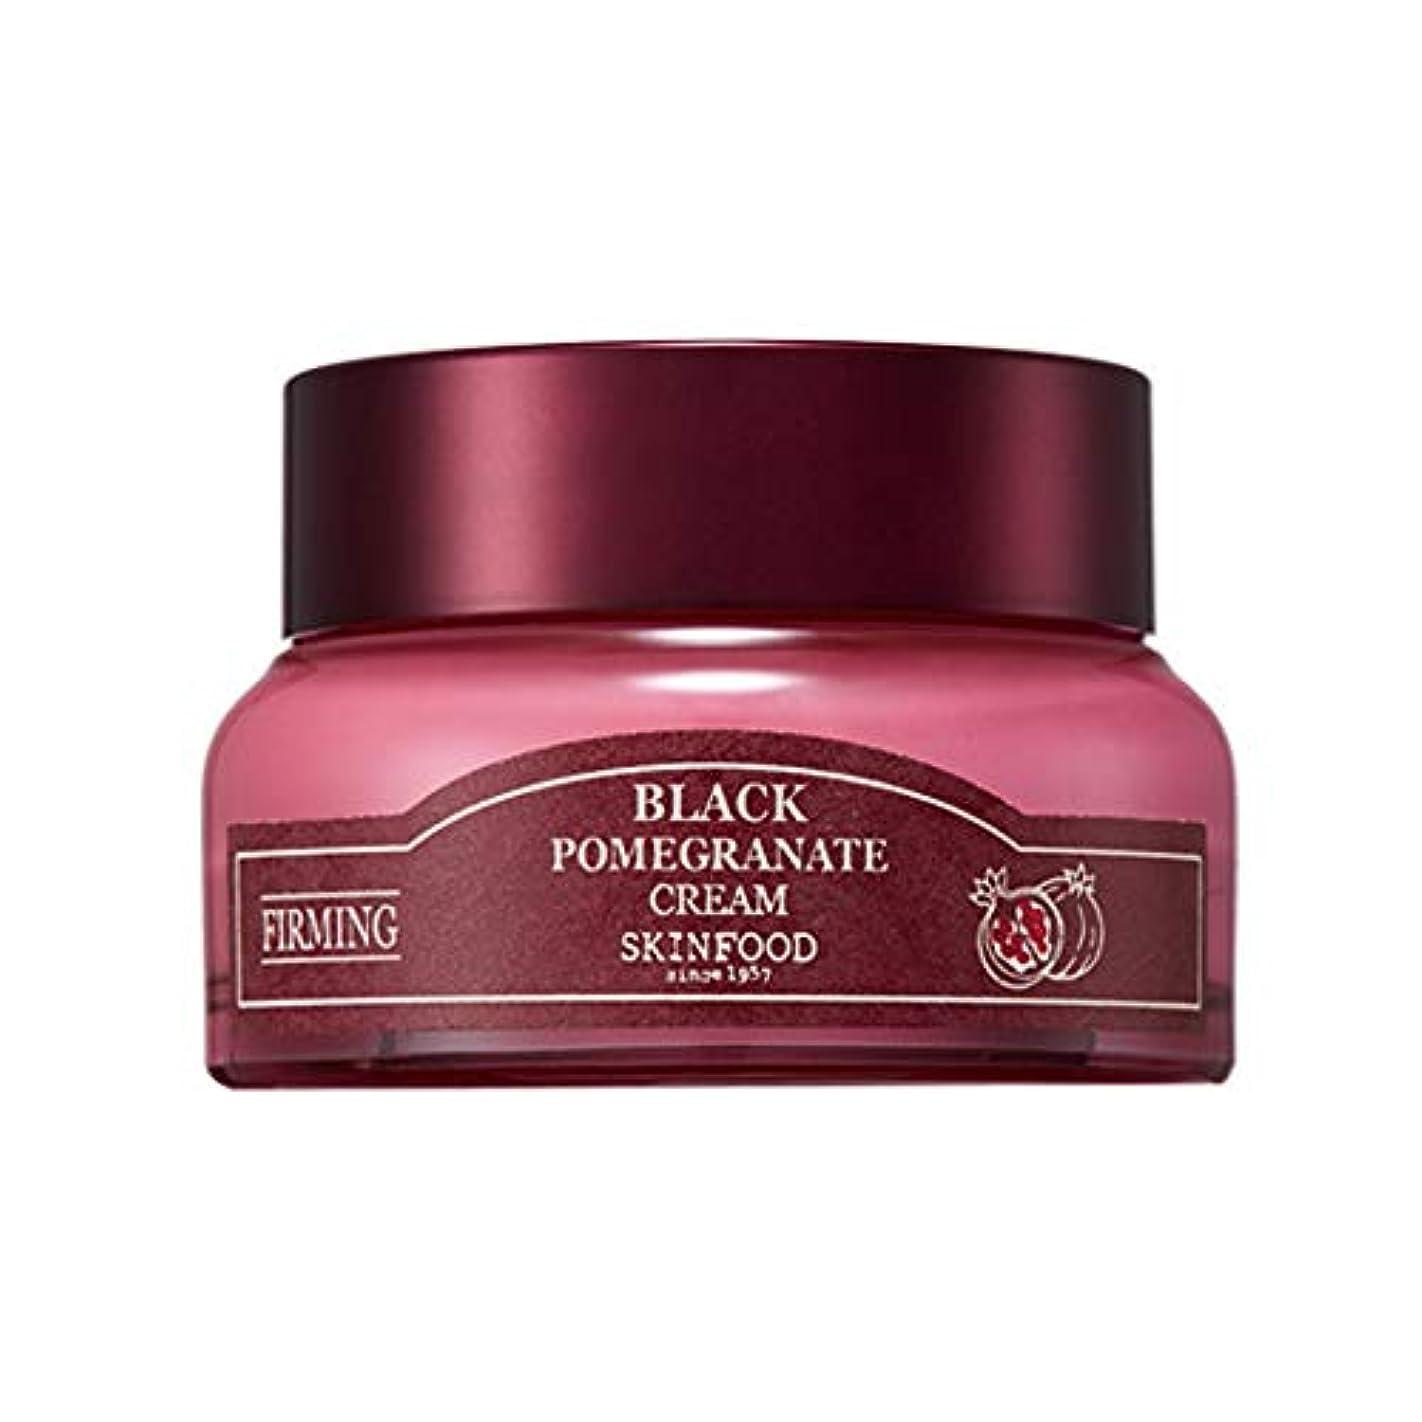 夕方ミント六月Skinfood 黒ザクロクリーム(しわ防止効果) / Black Pomegranate Cream (Anti-Wrinkle Effect) 54ml [並行輸入品]